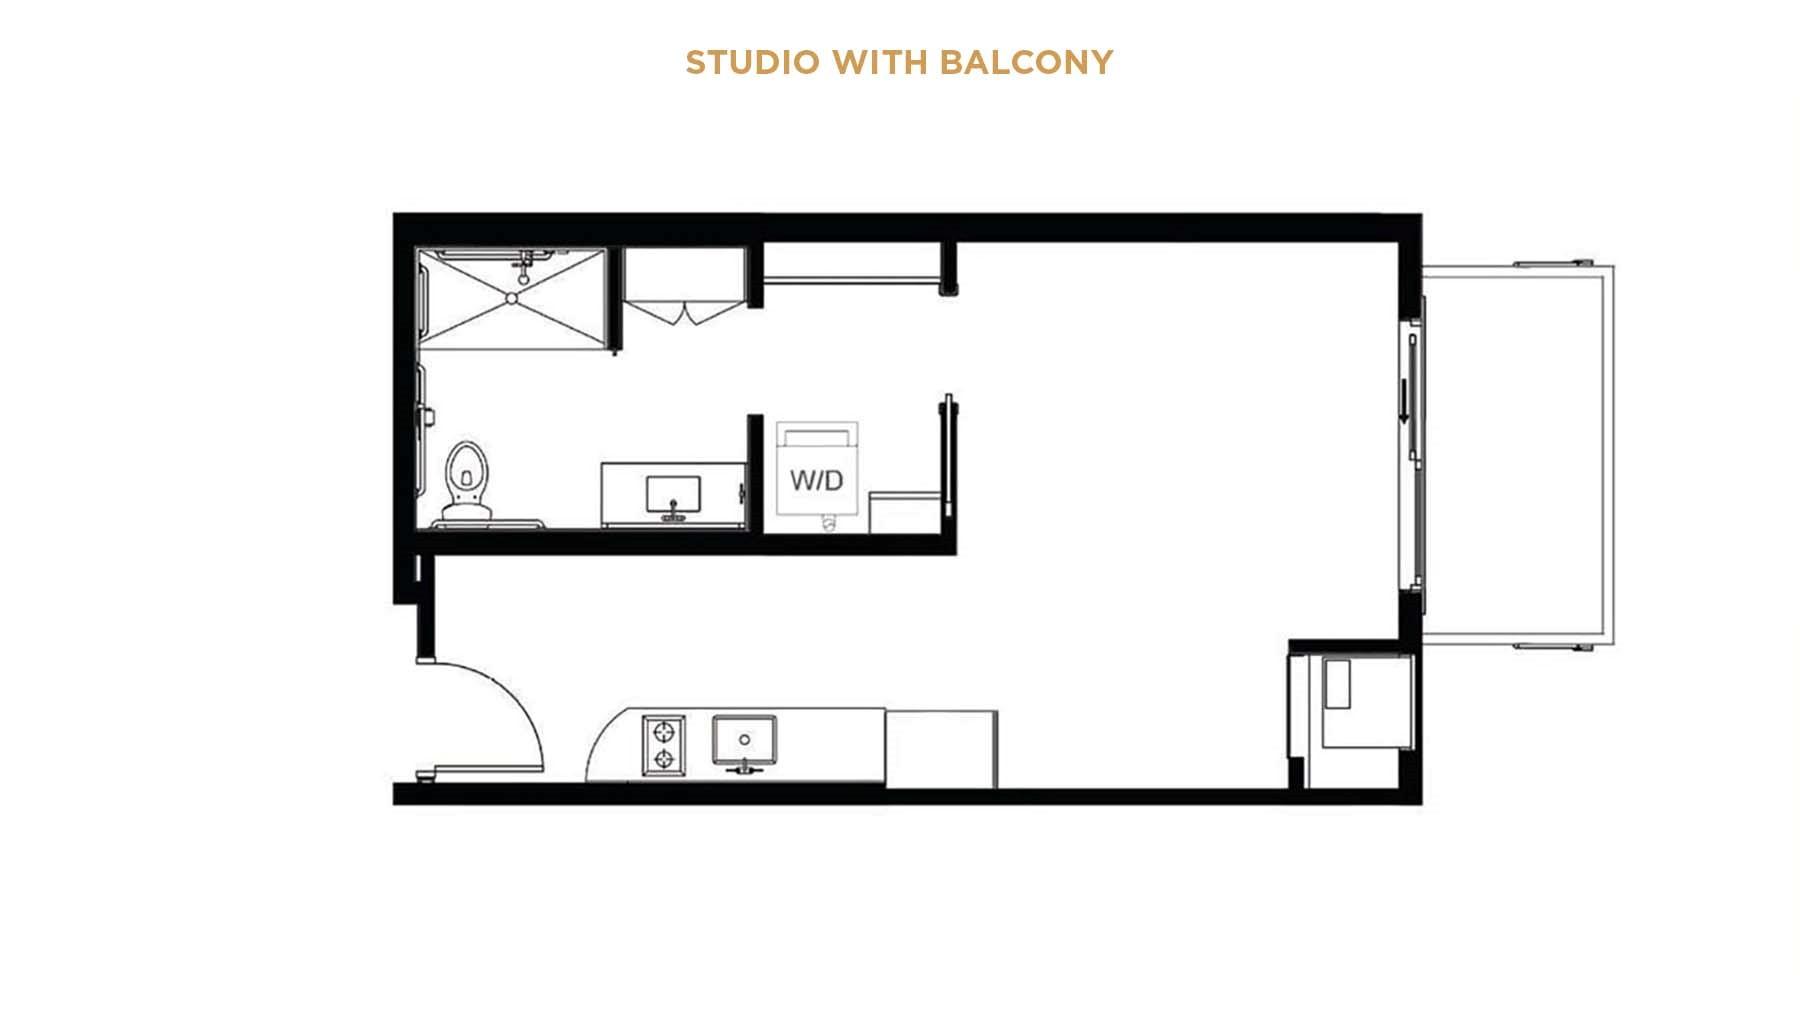 Senior living studio floor plan with balcony